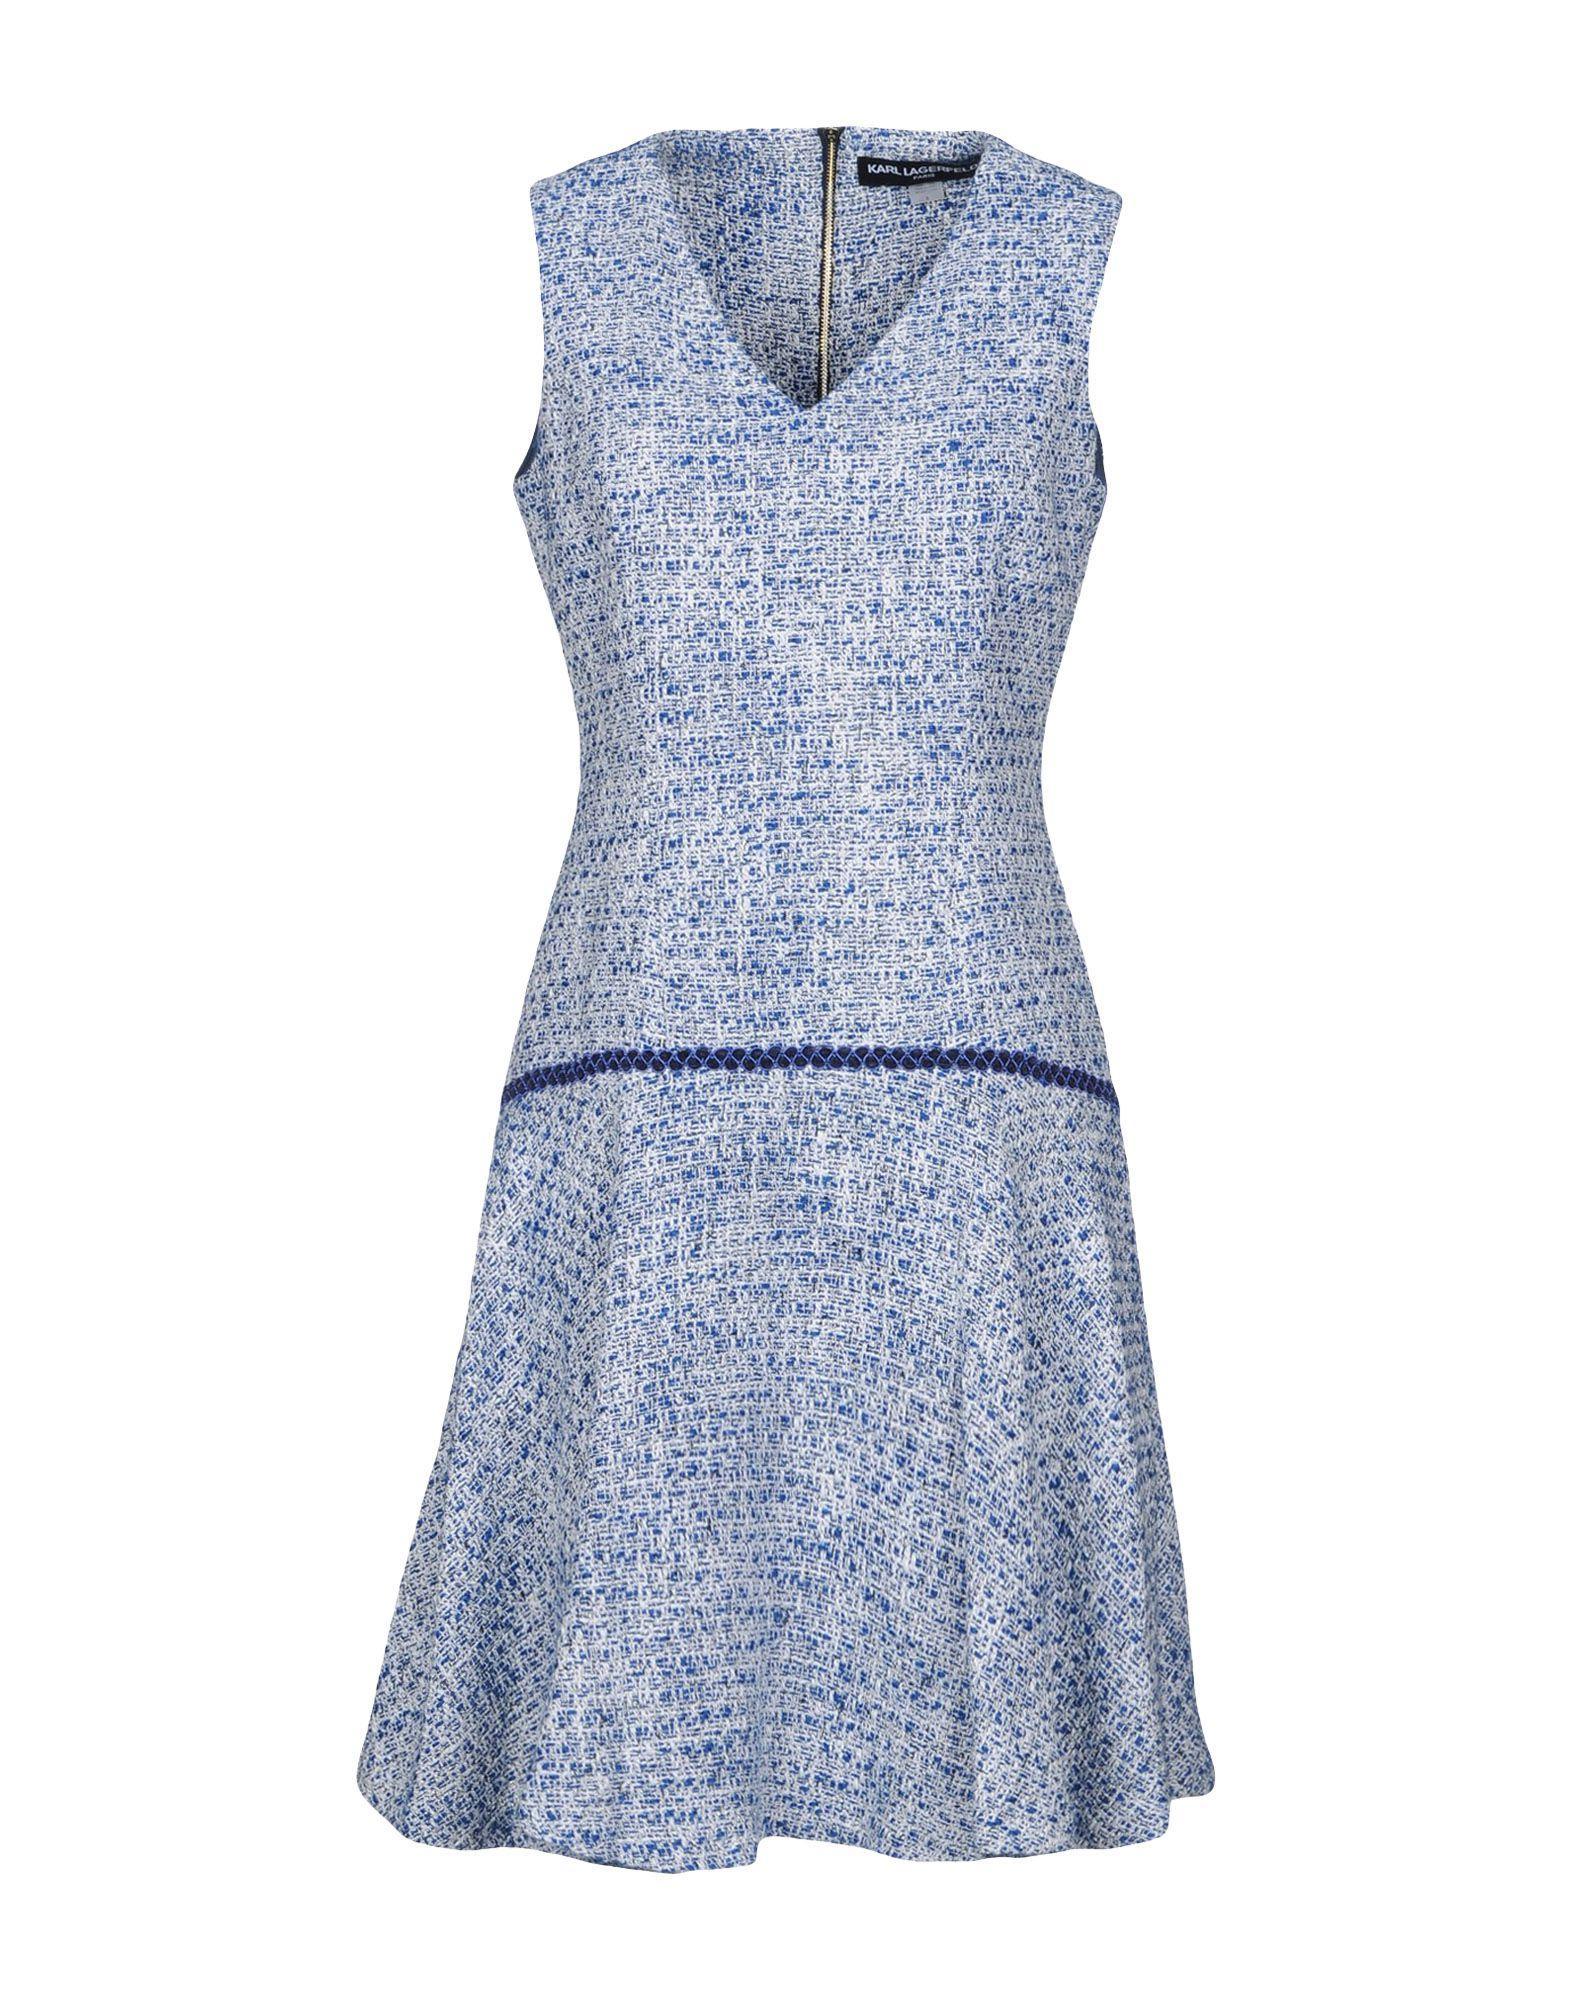 Karl Lagerfeld Short Dresses In Blue